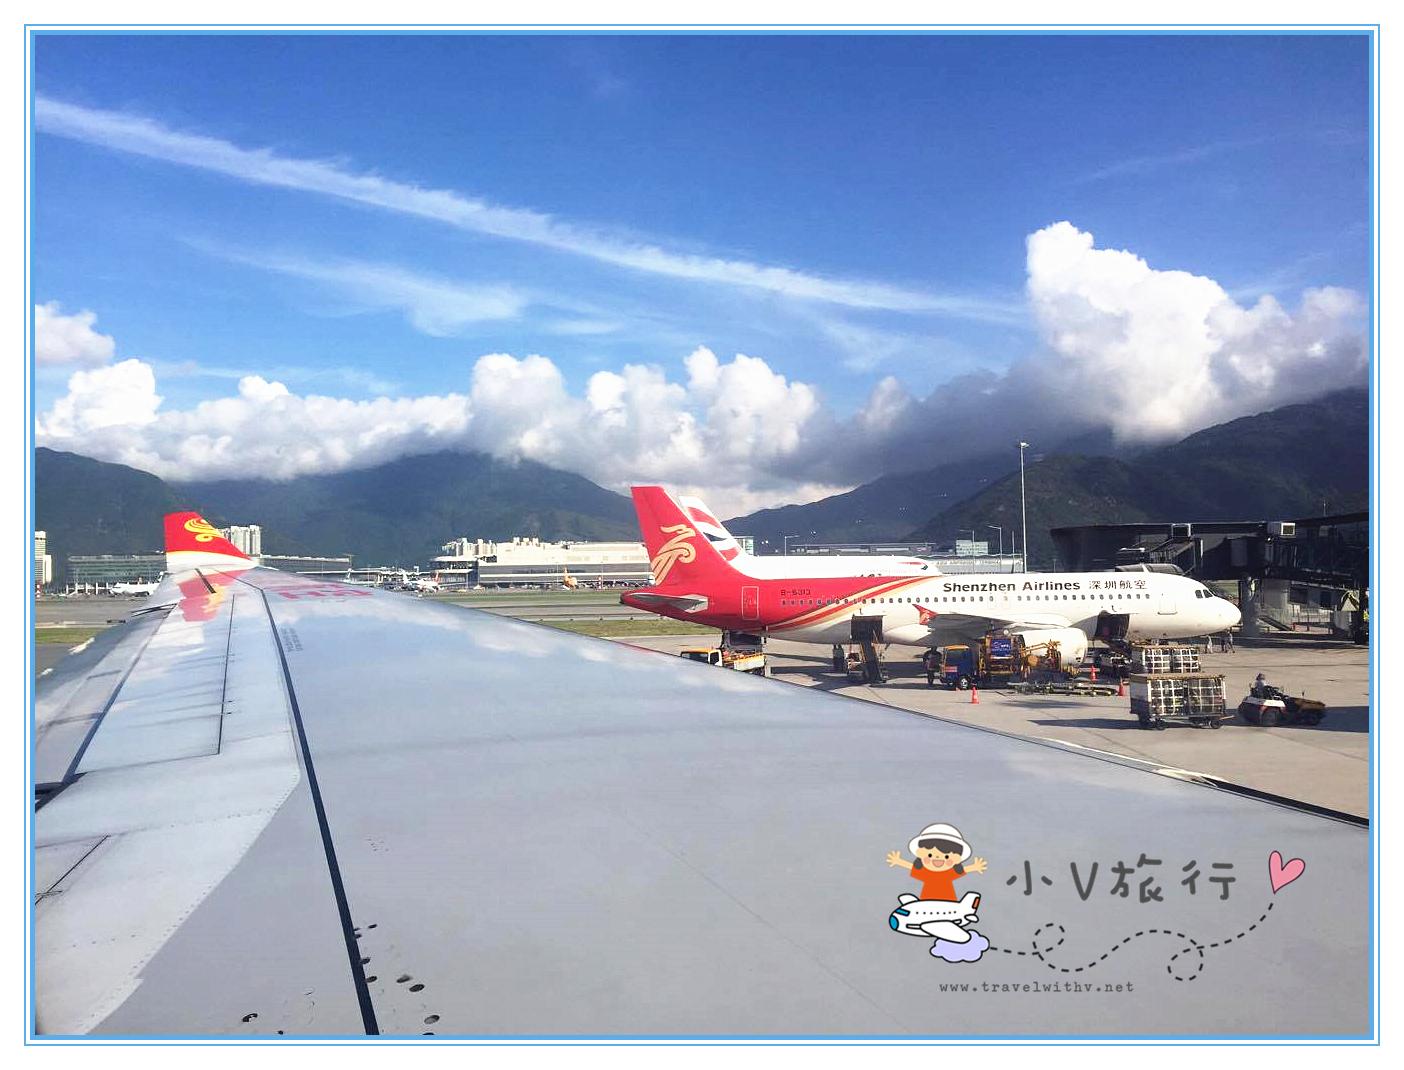 【飛航紀錄】香港航空 HK Airline │ HKG - TPE │ 17 JUL 2016